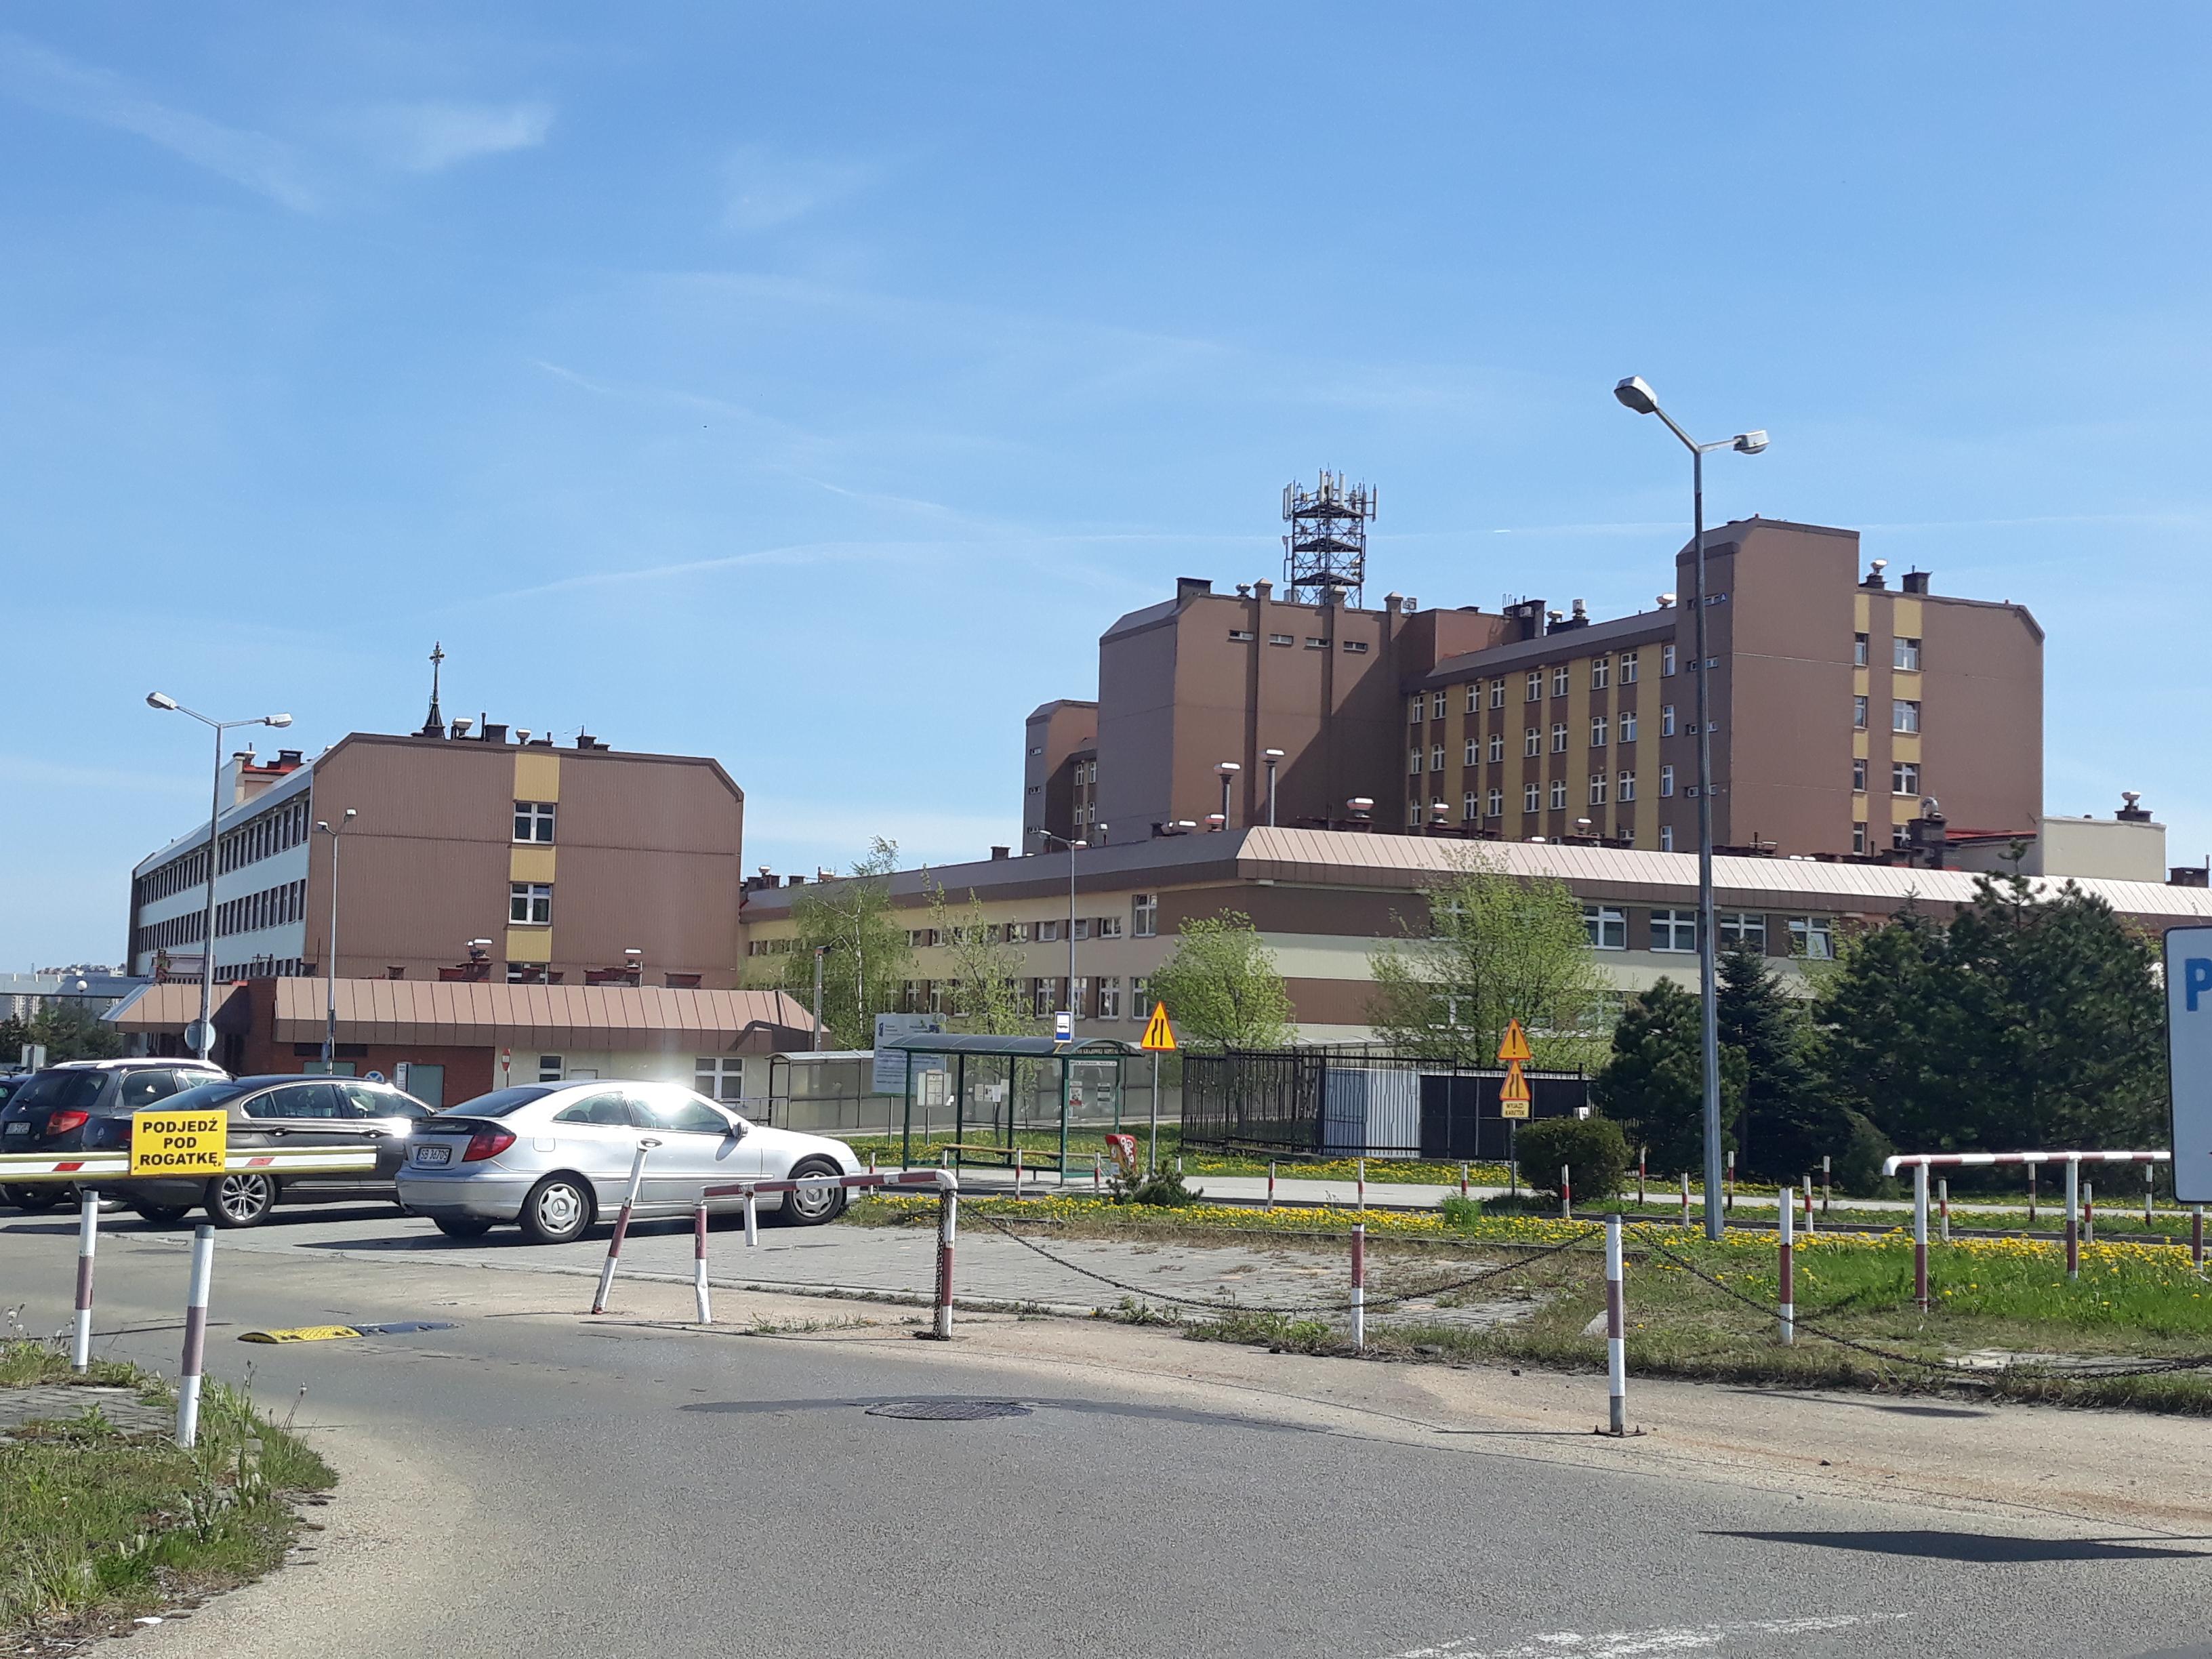 Szpital Wojewódzki ponownie przyjmuje pacjentów. Każdy pacjent będzie miał zrobiony test